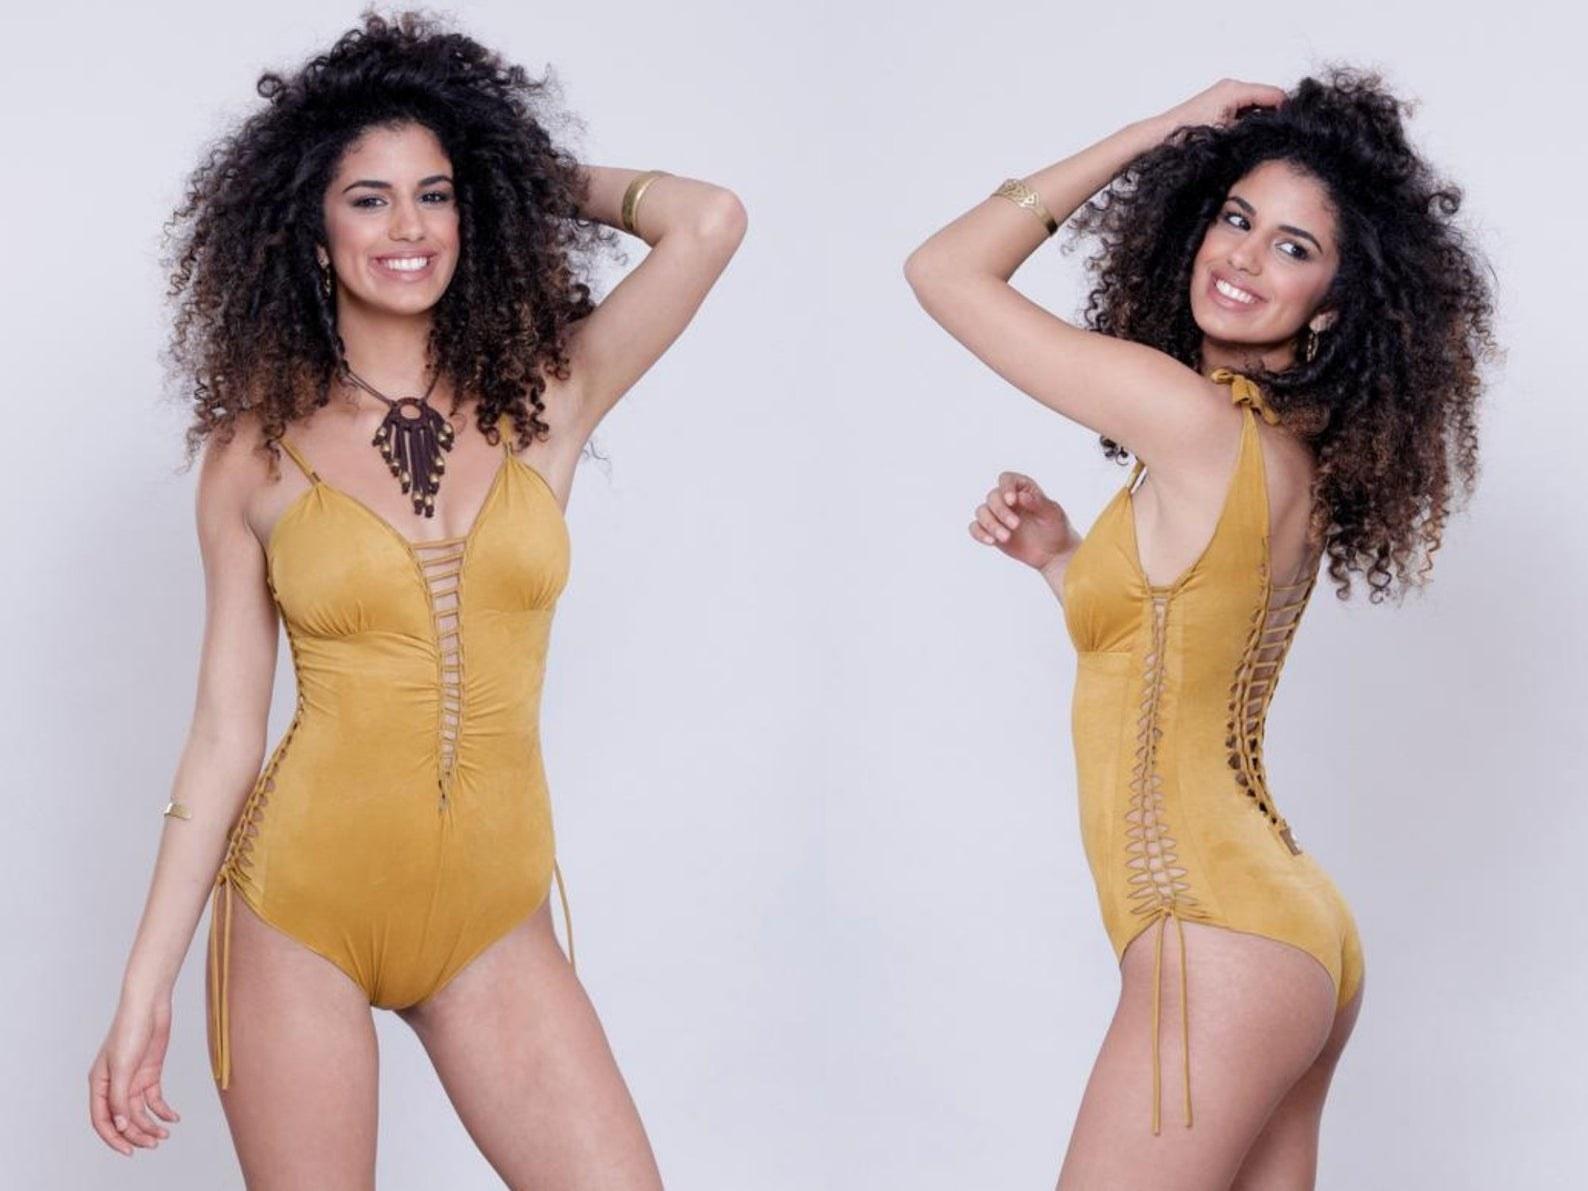 model wearing the mustard swimsuit